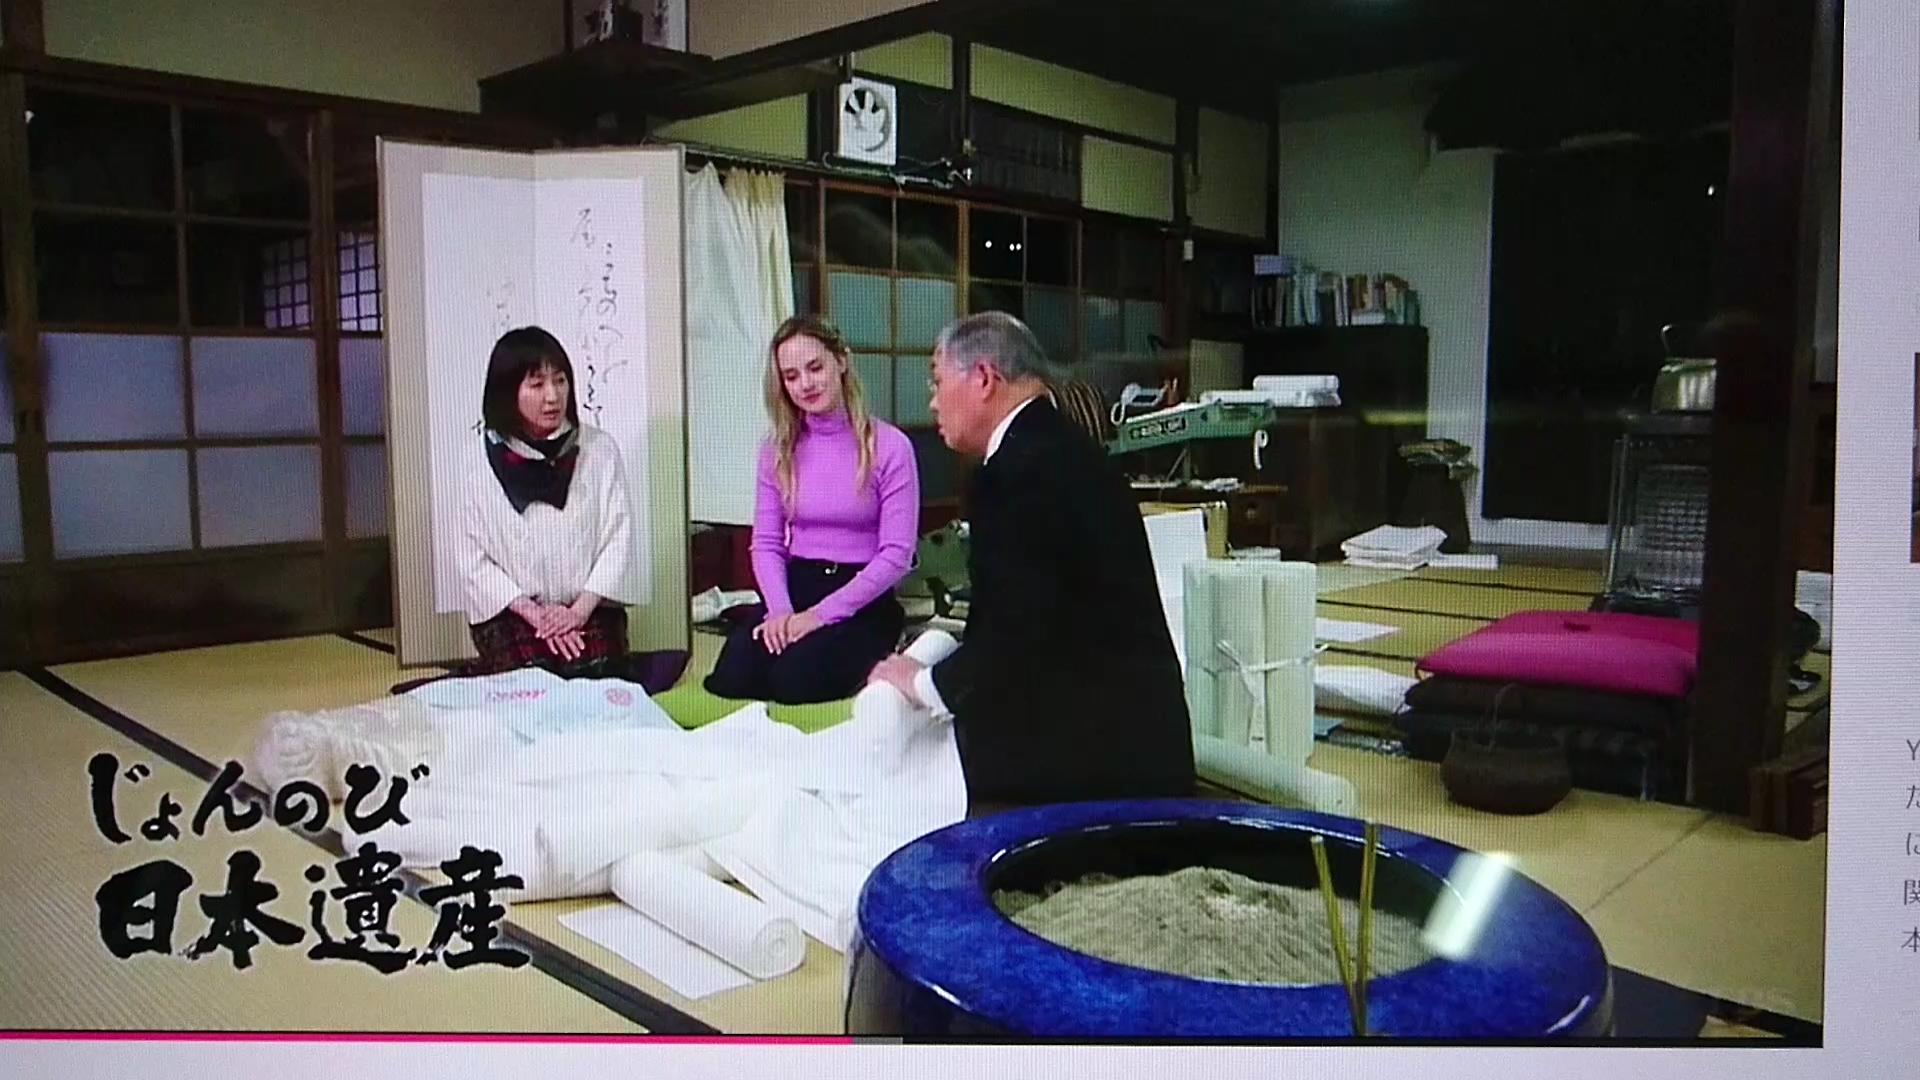 じょんのび日本遺産の画像 p1_23